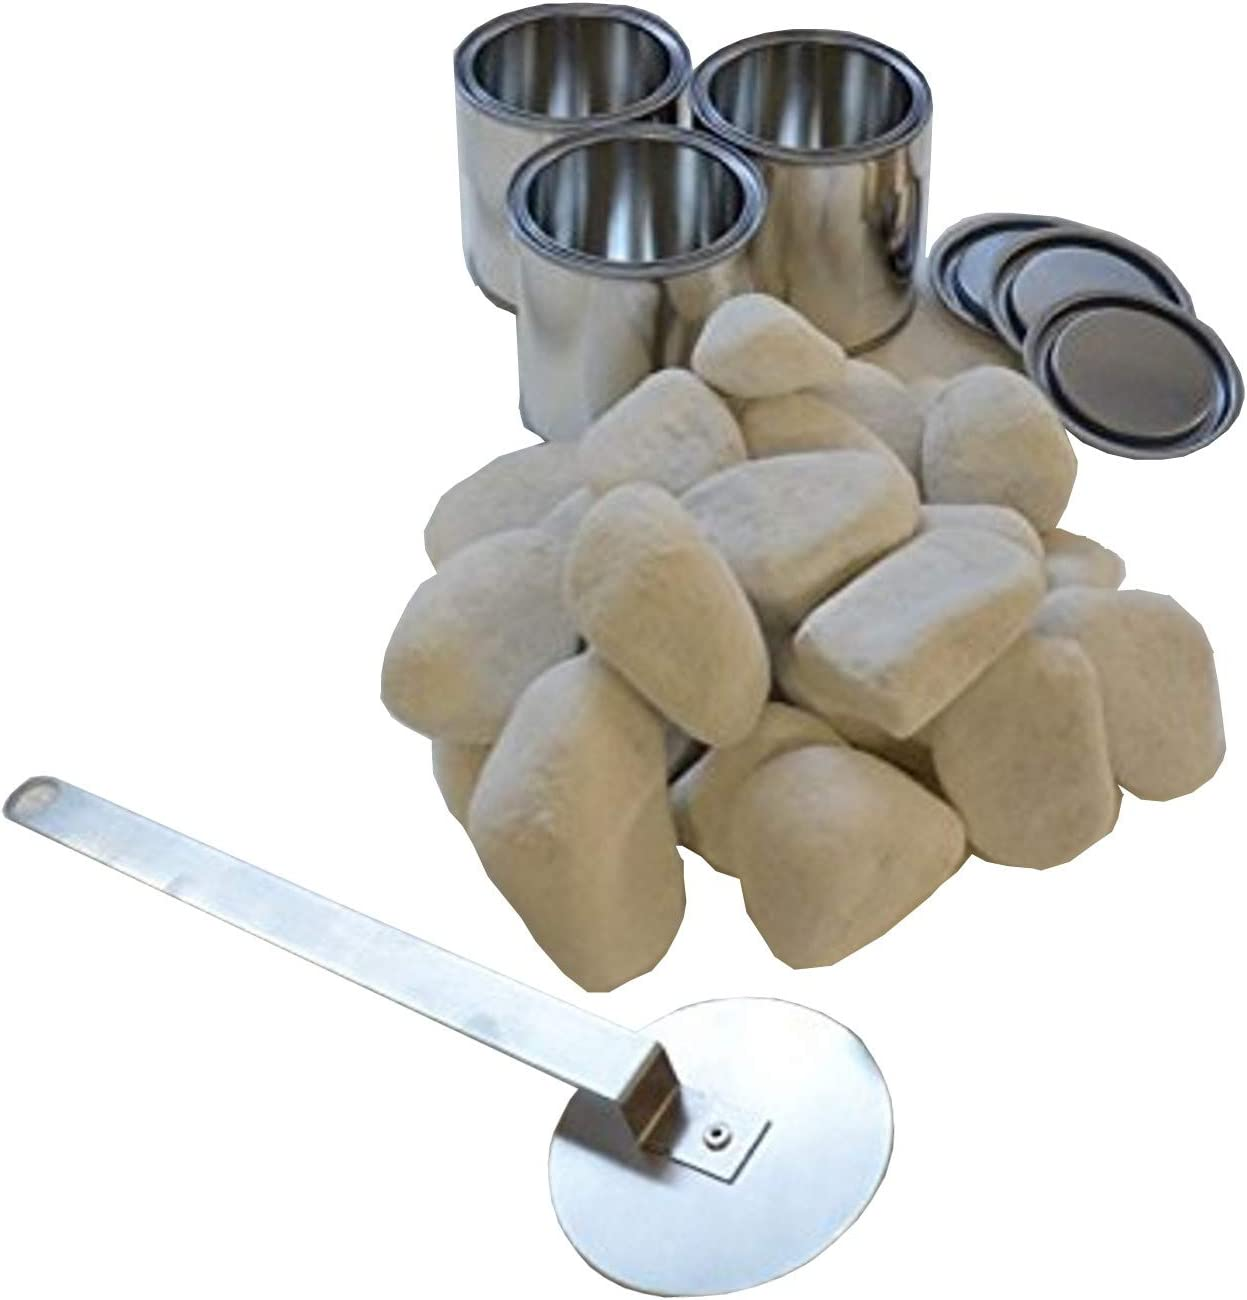 Chimenea de etanol modelo TCP color a elegir latas de combustible Kaminbau Mierzwa cristal de seguridad y extintor de acero inoxidable incluye juego de piedras decorativas